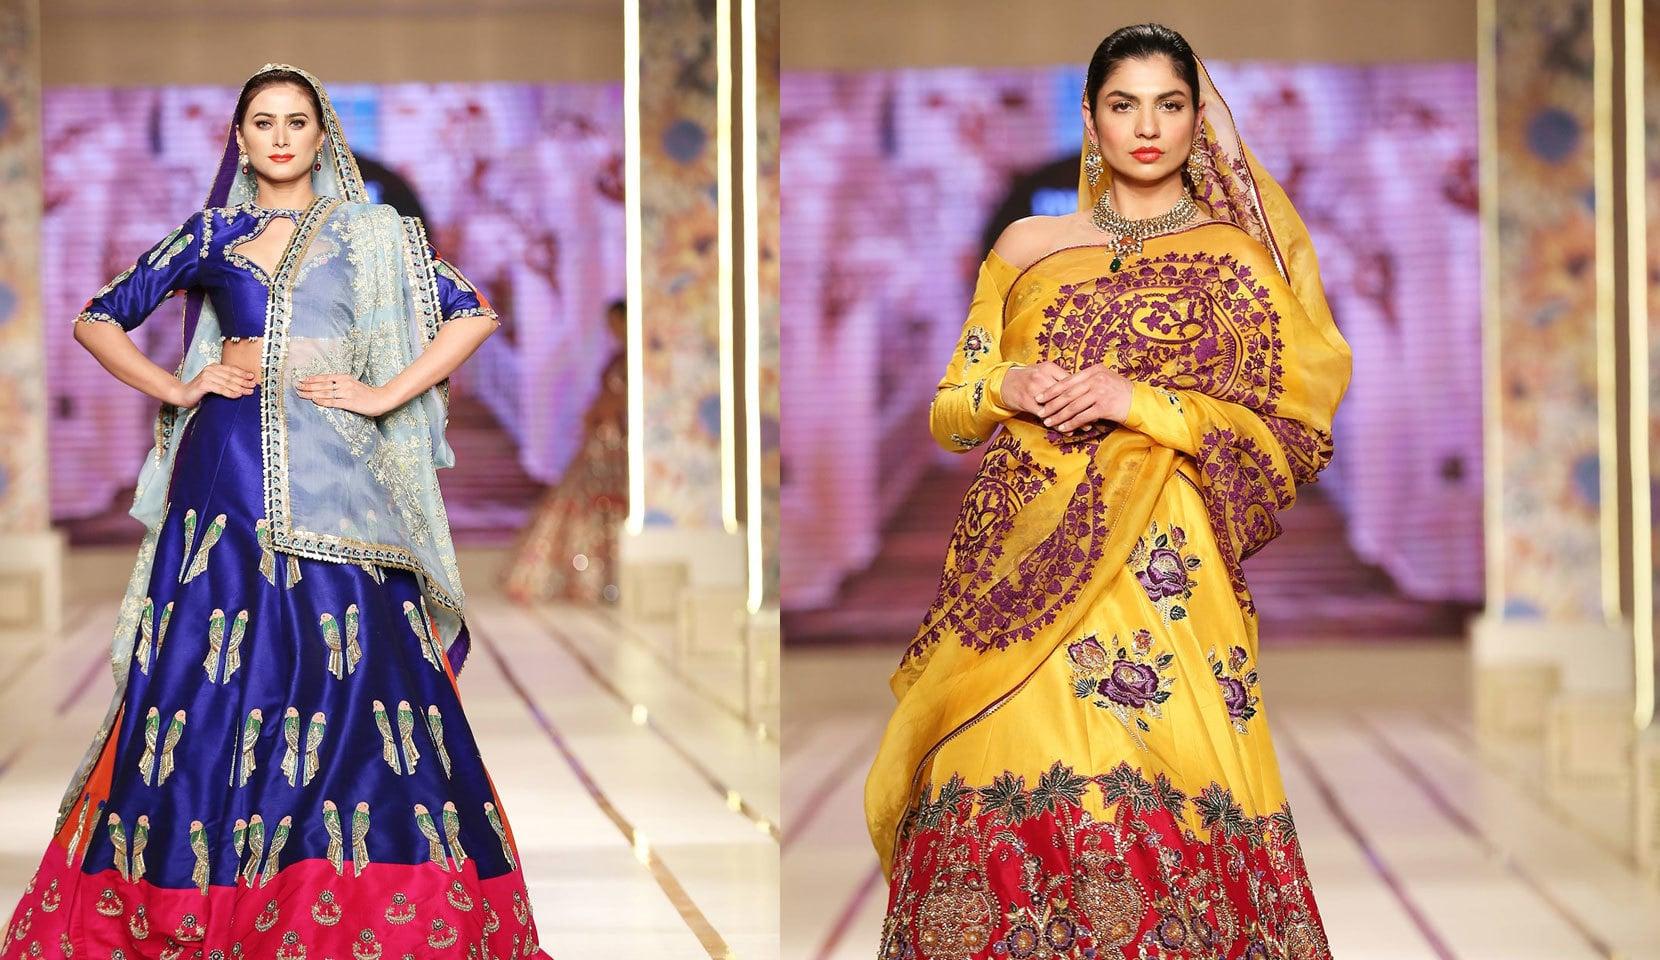 علی ذیشان نے عروسی لباس کے علاوہ بھی ملبوسات پیش کیے